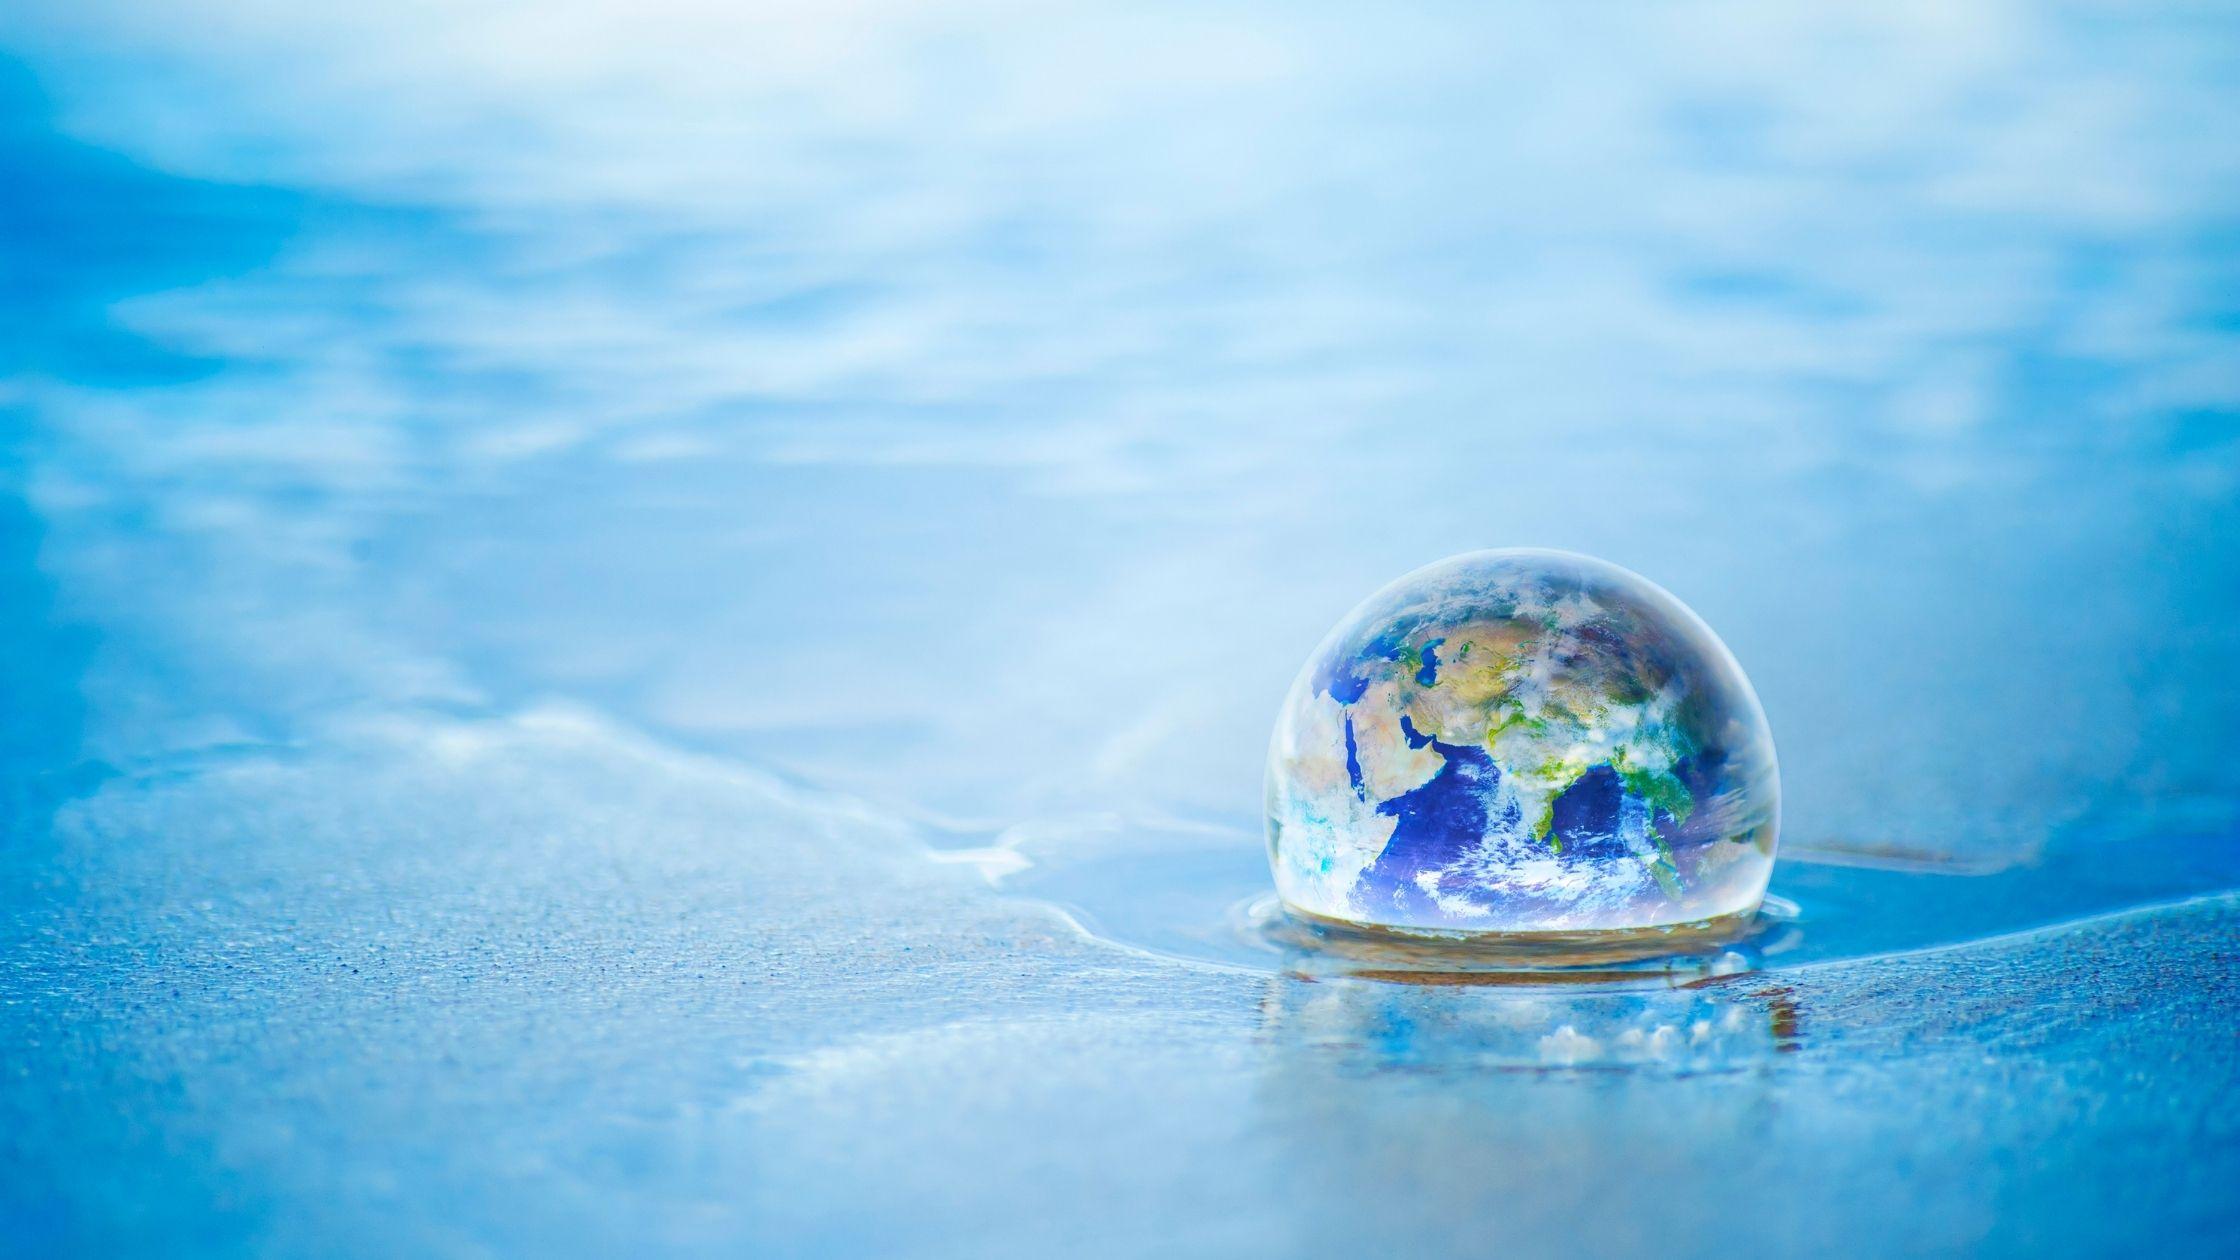 Datos interesantes sobre el agua que seguro no conocías